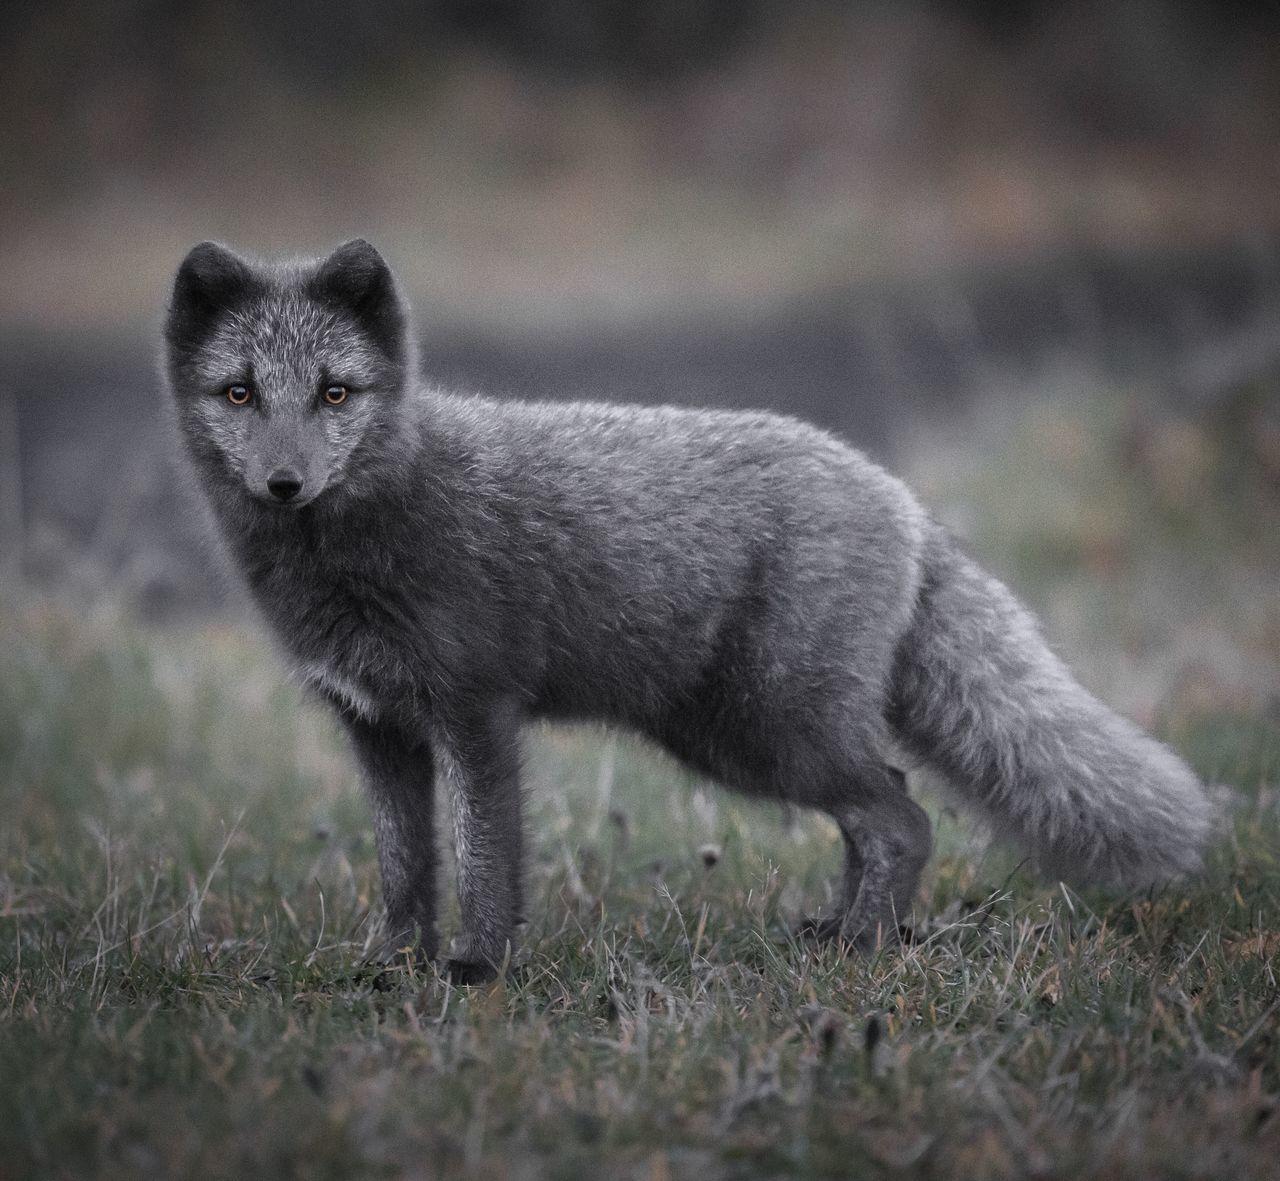 Portrait of fox standing on field